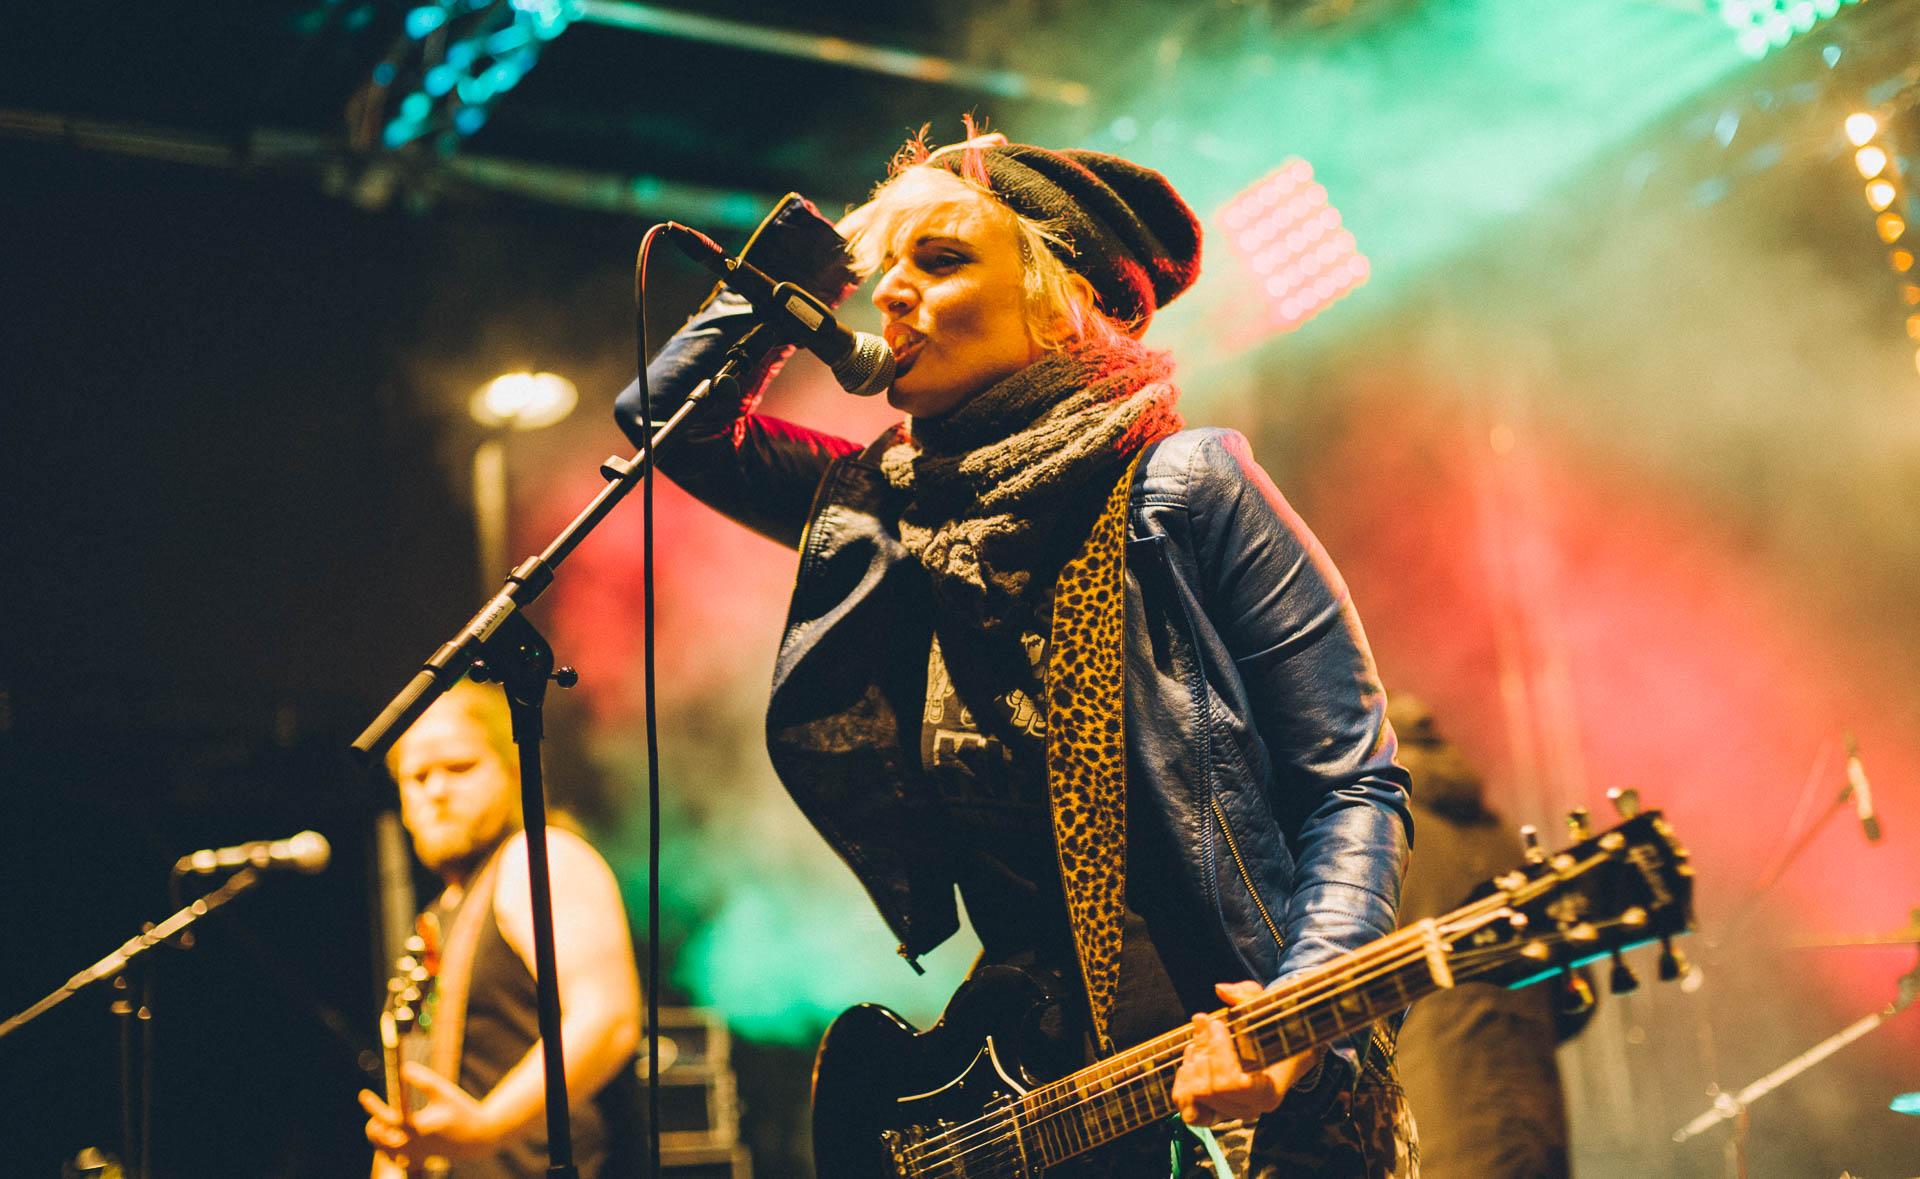 Konzert Berlin Bass Sängerin Frontfrau Mütze